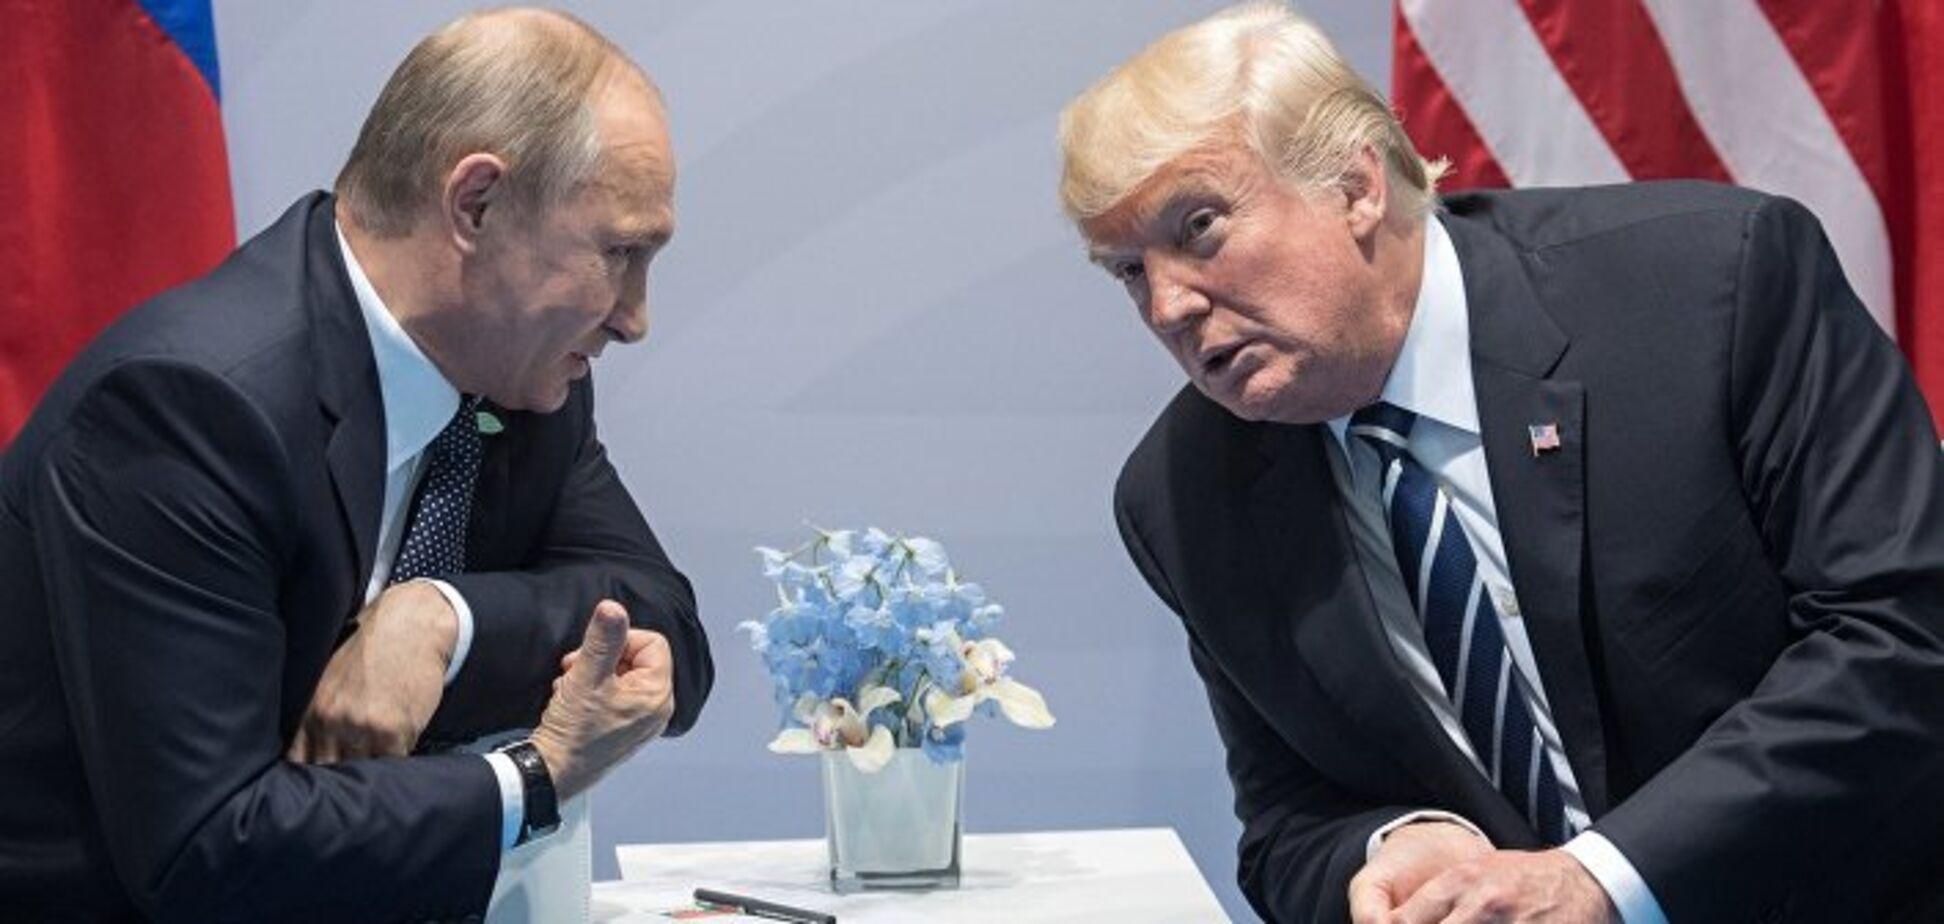 Атака в Керченском проливе: в США выдвинули ультиматум для встречи Трампа и Путина